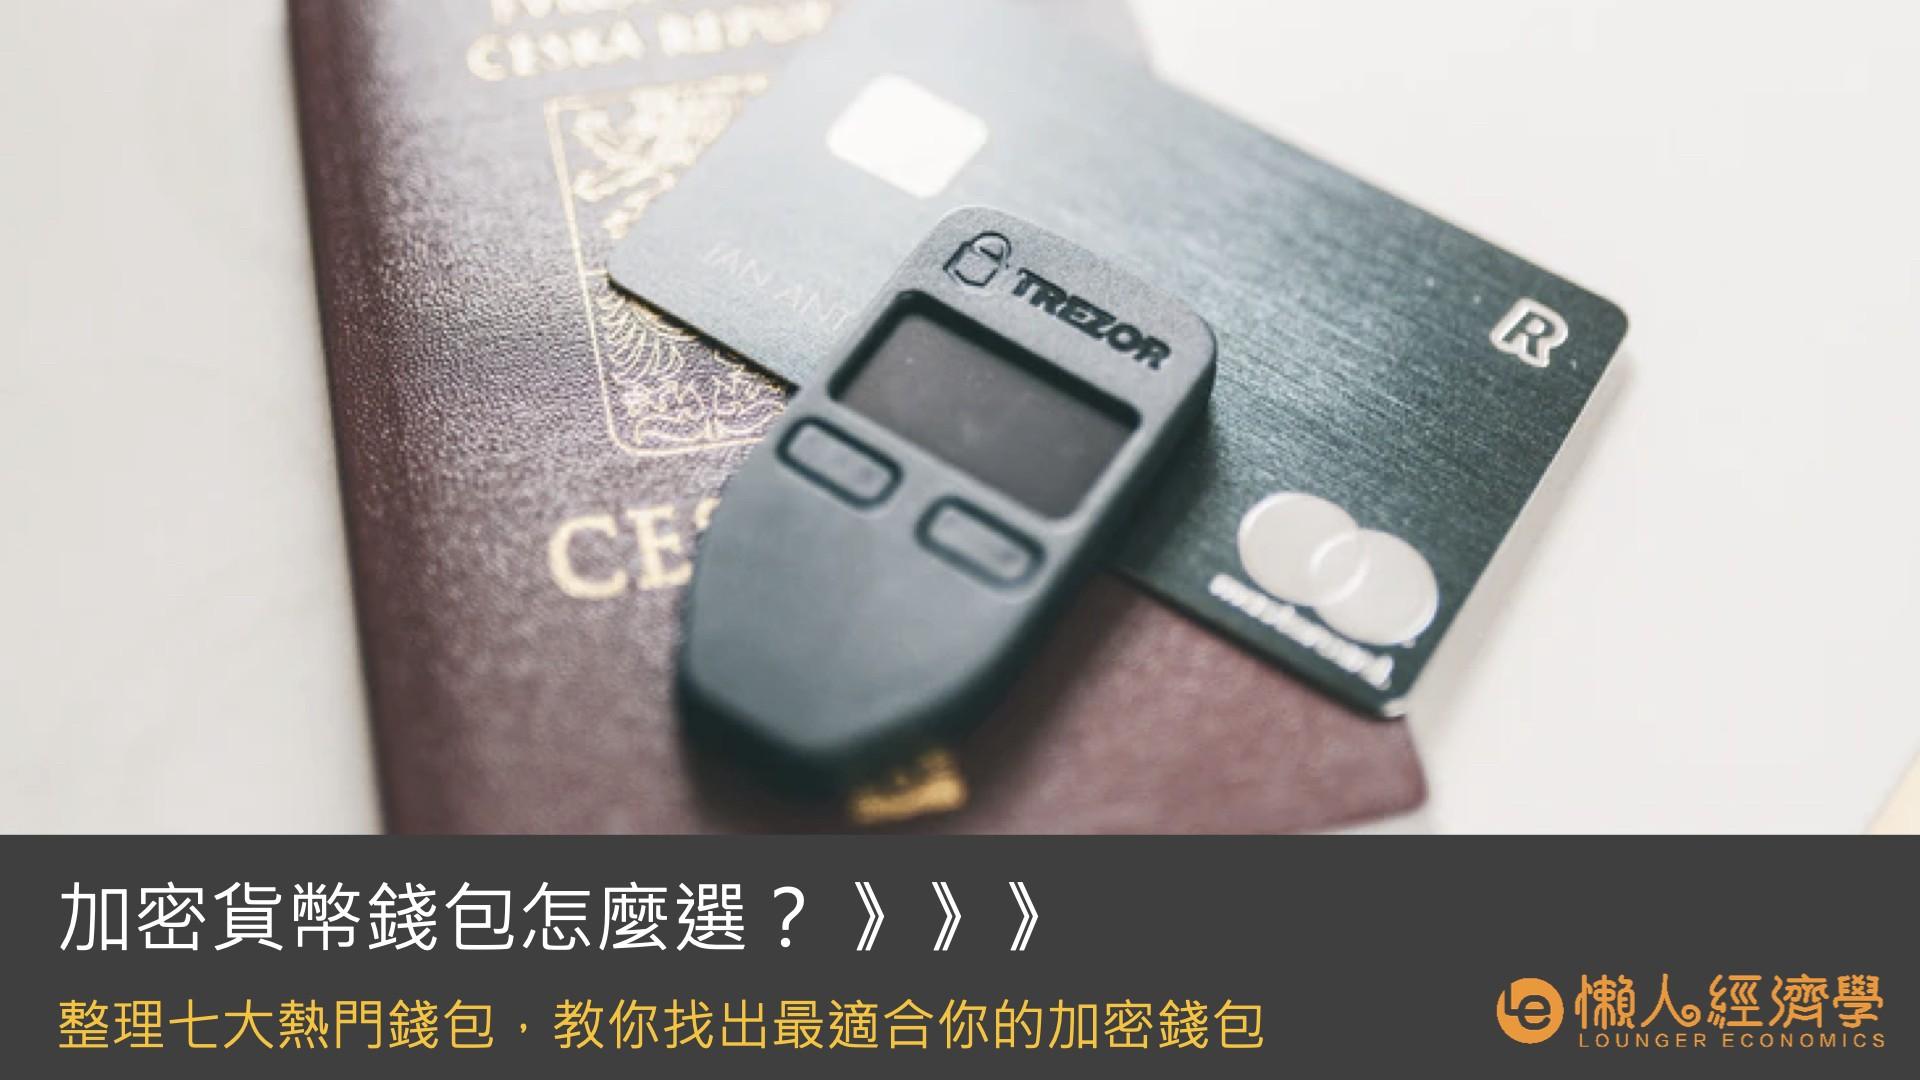 加密貨幣錢包怎麼選?整理七大熱門錢包,教你找出最適合你的加密錢包